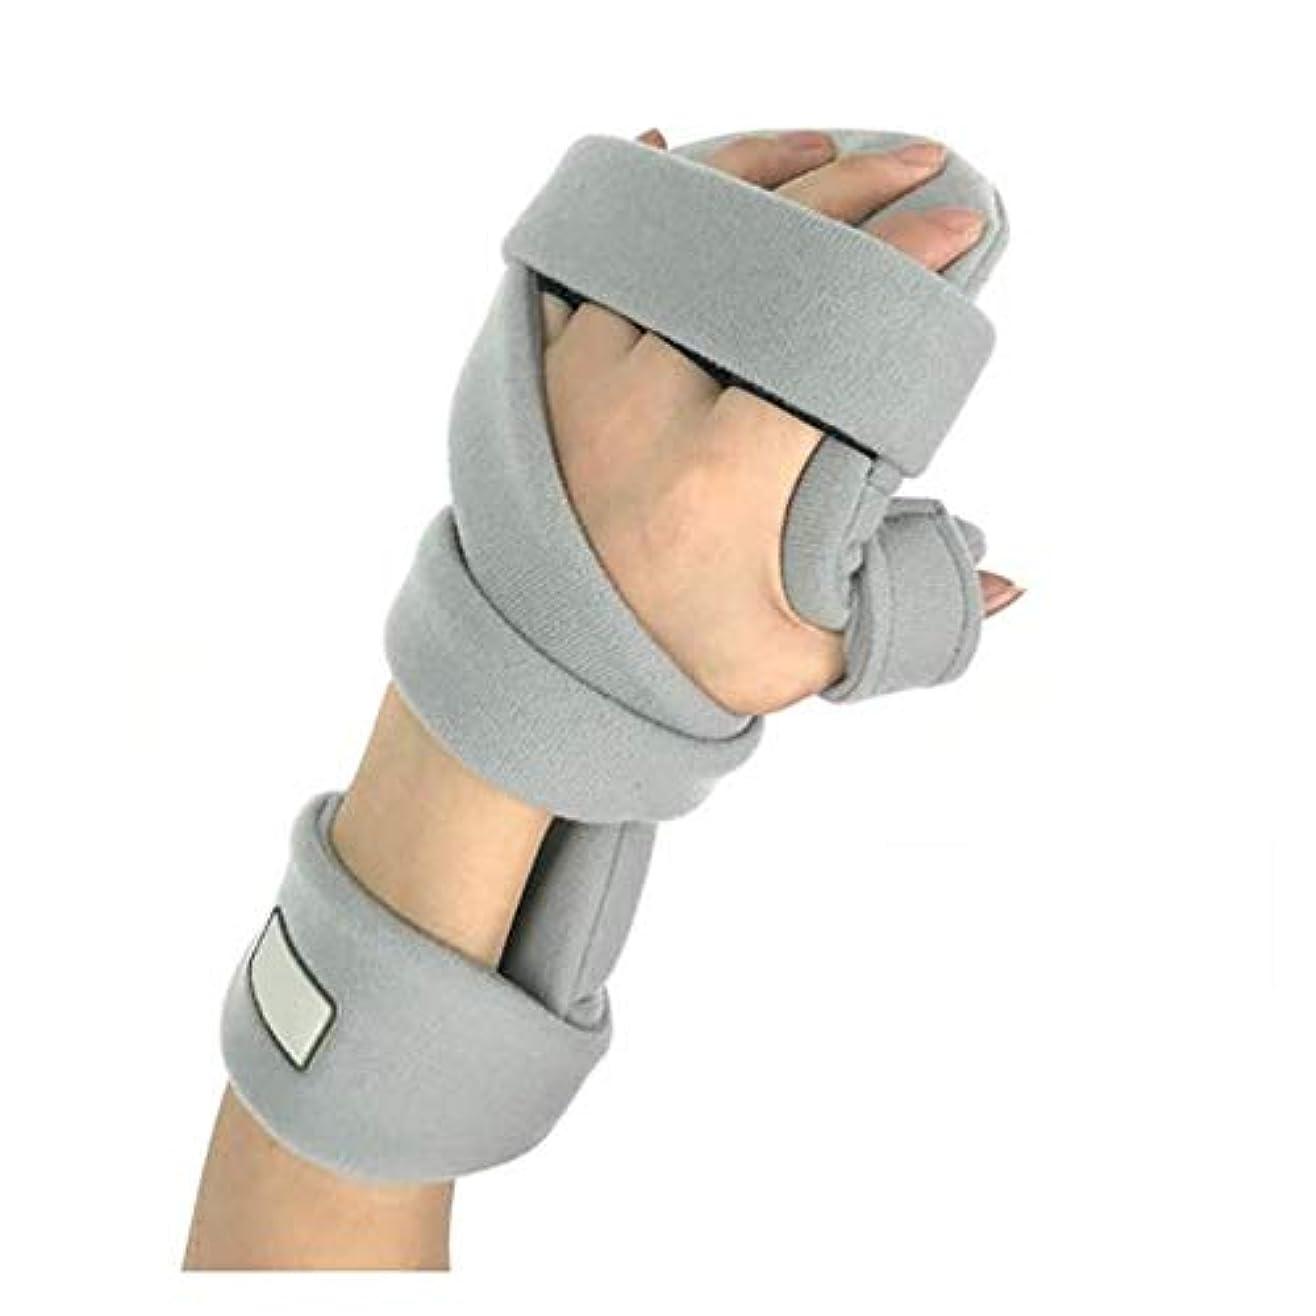 強制的地震温帯手骨折ナイトレストスプリント、痛み腱炎骨折脱臼のための調節可能な手首ブレース指板,Righthand2pcs